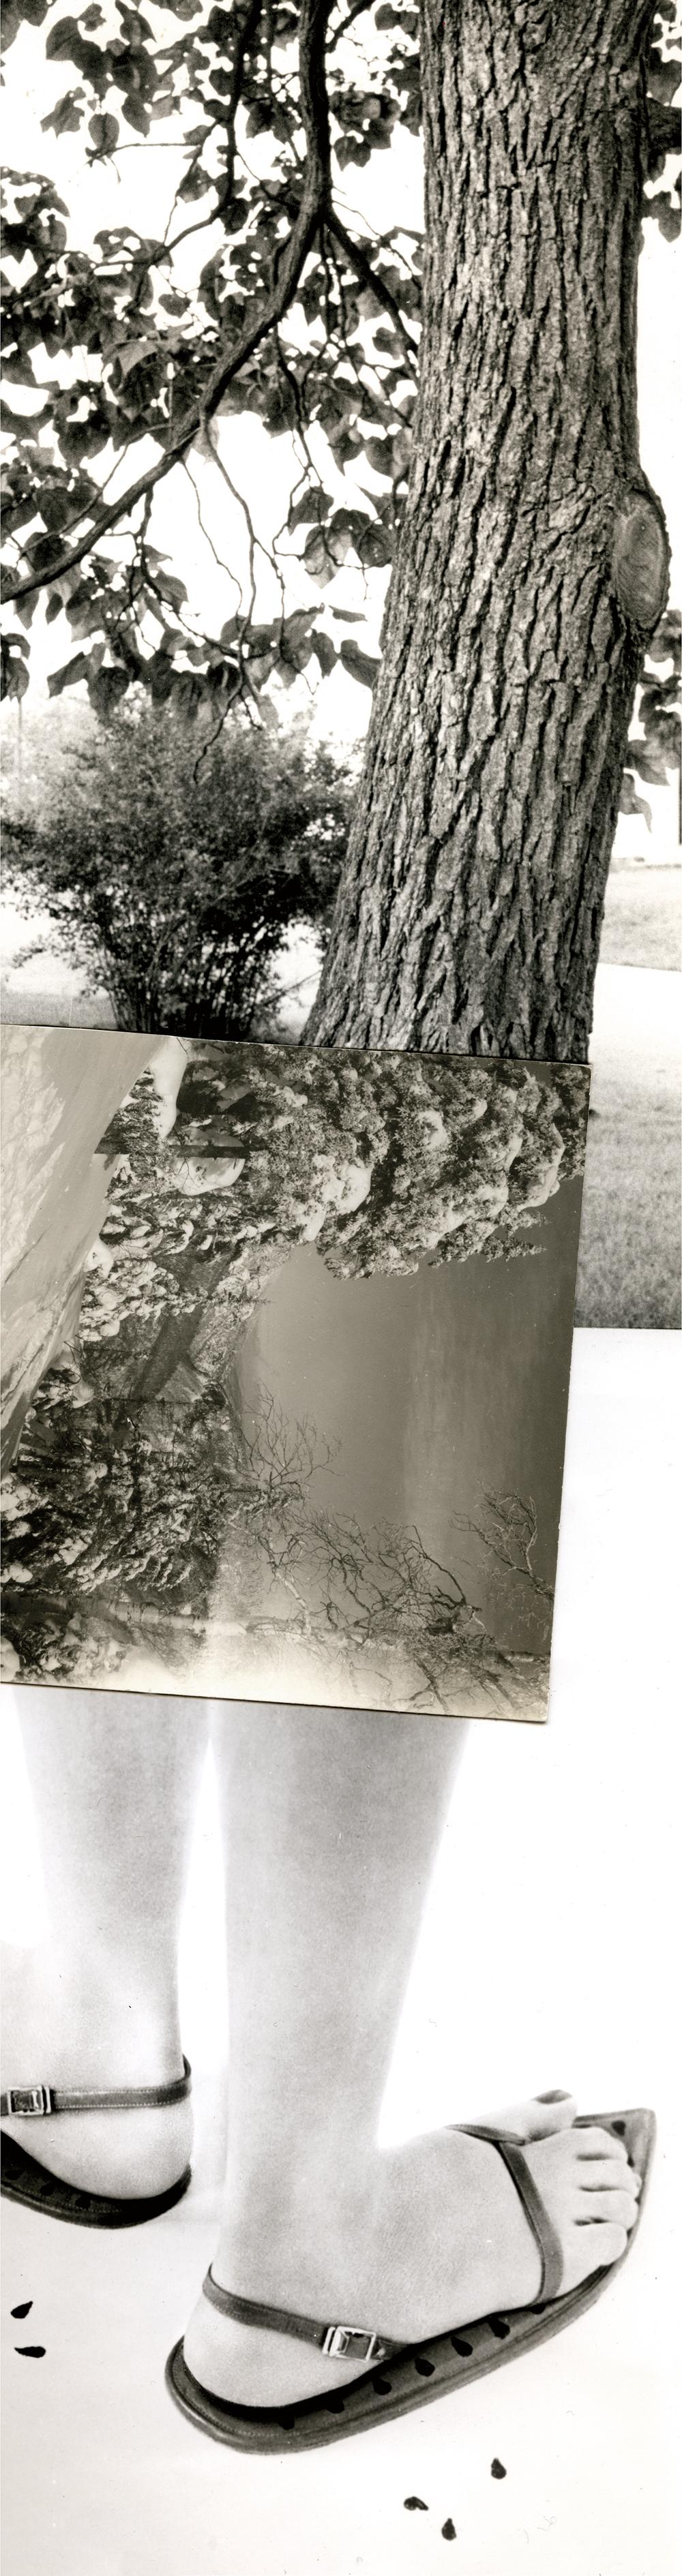 collage_segovia_muda_collage_arbolB